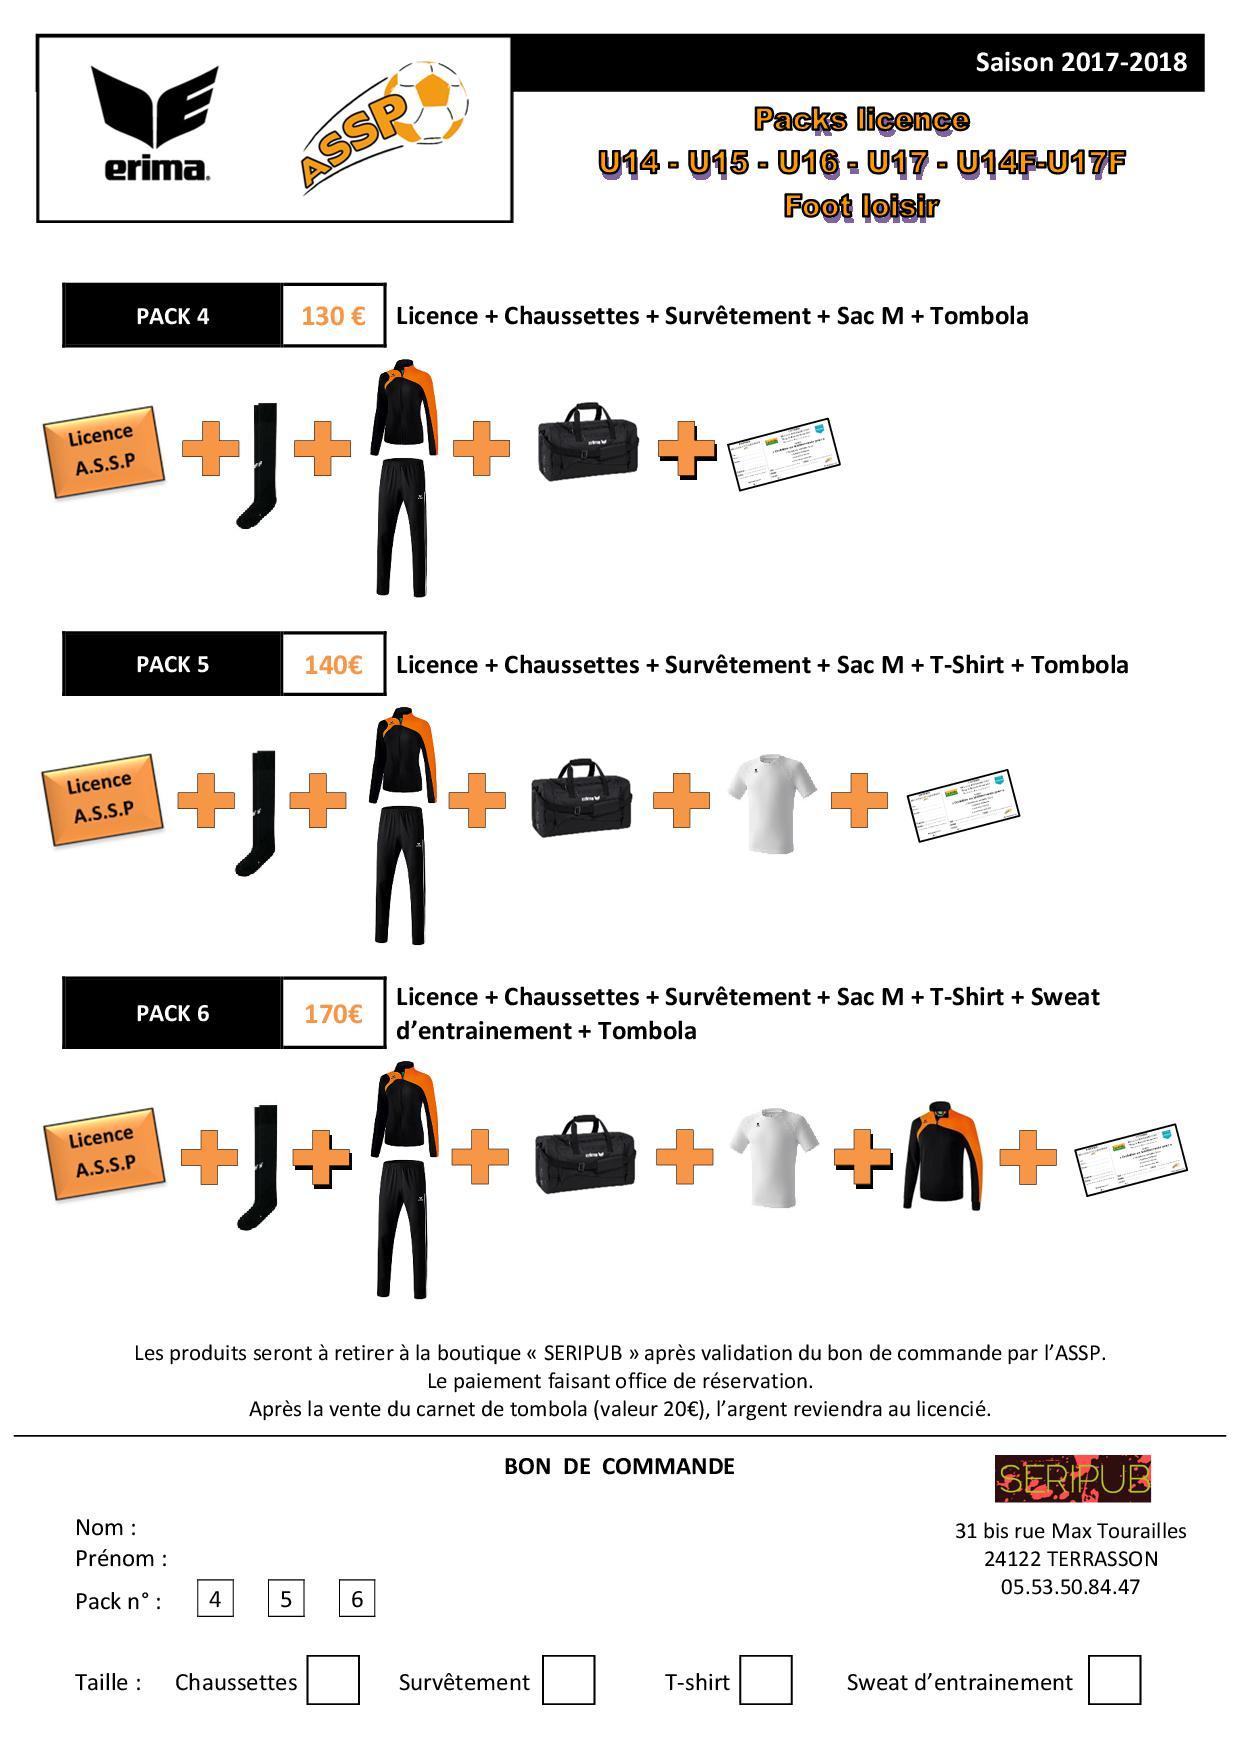 Packs licence U14 U15 U16 U17 U14F-U17F FL.jpg